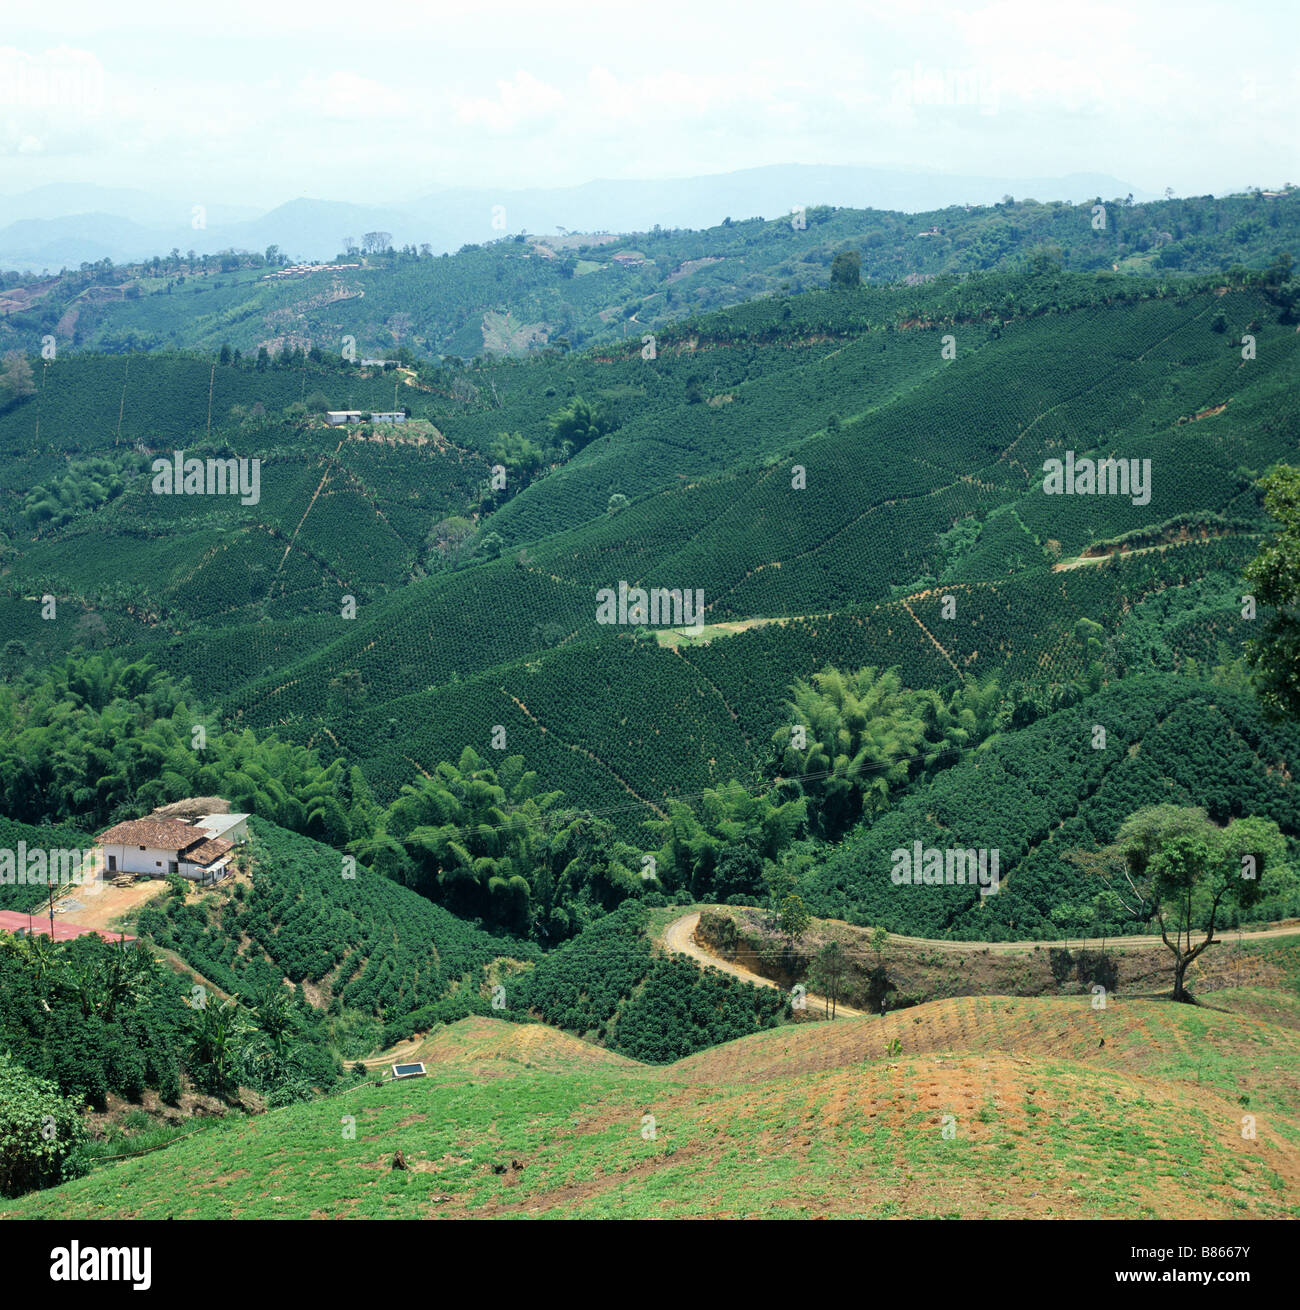 Les plantations de café de plaine sans arbres de l'ombre en Colombie Amérique du Sud Photo Stock